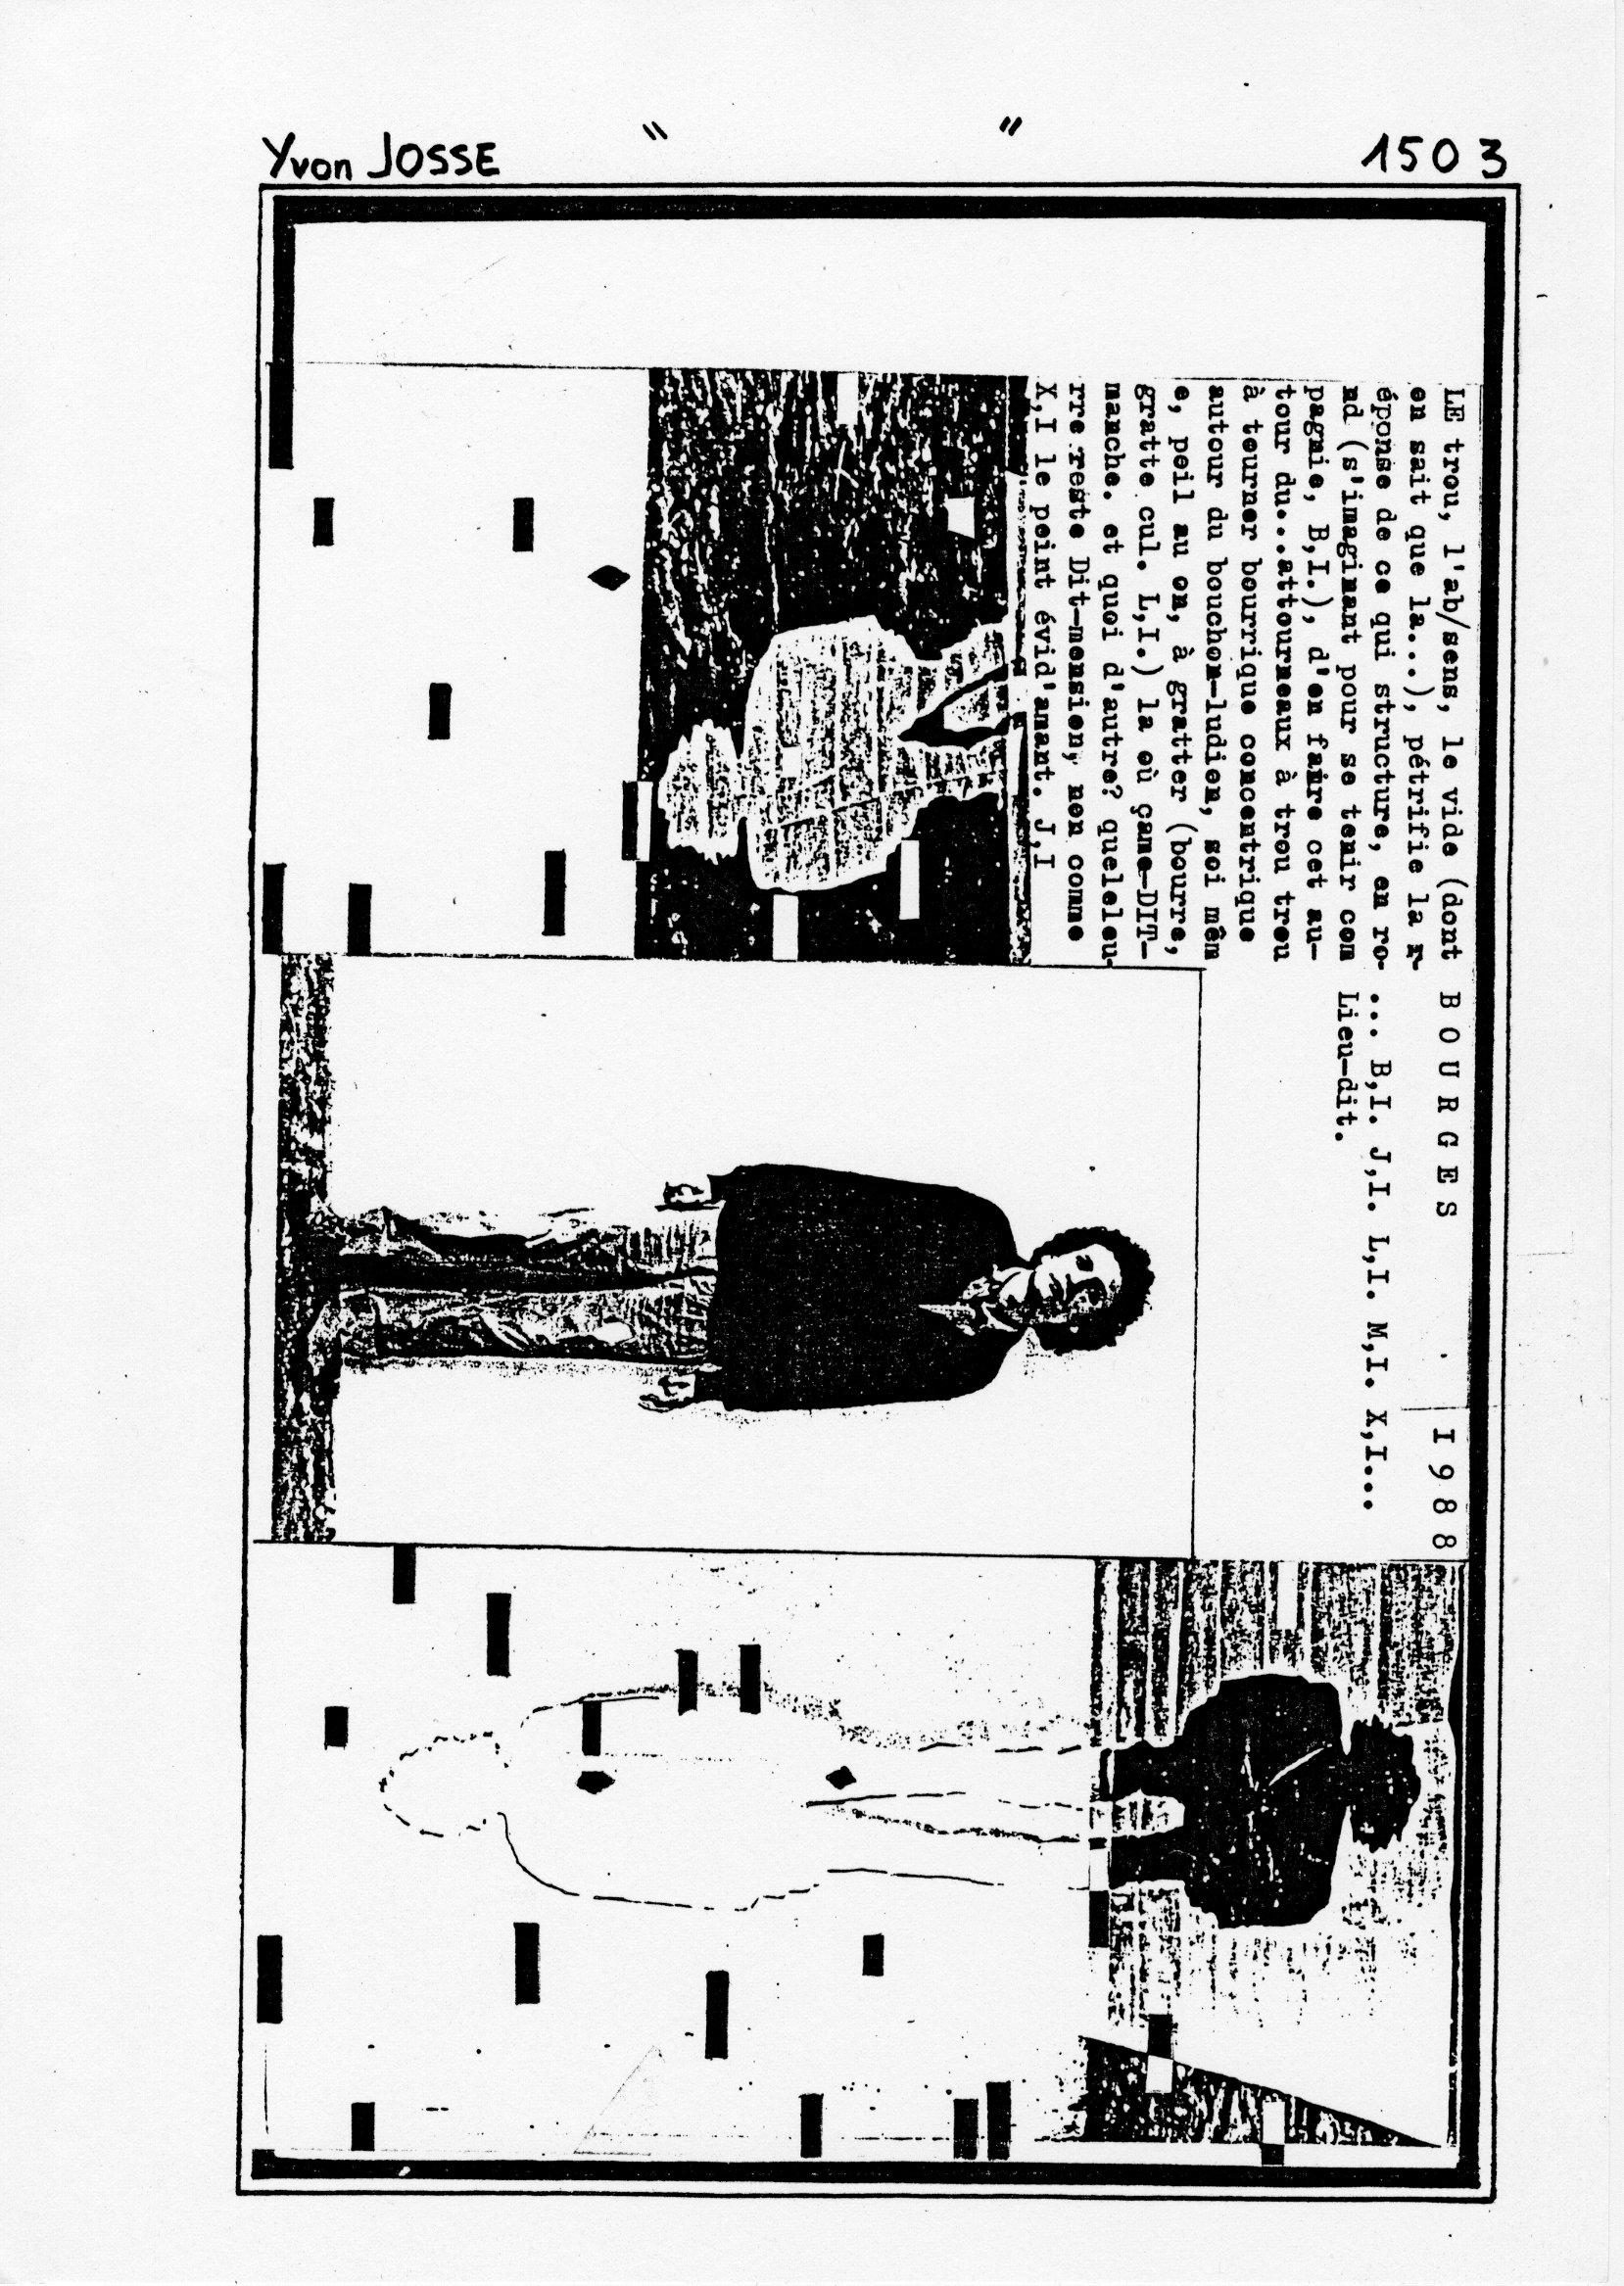 page 1503 Y. JOSSE SANS TITRE